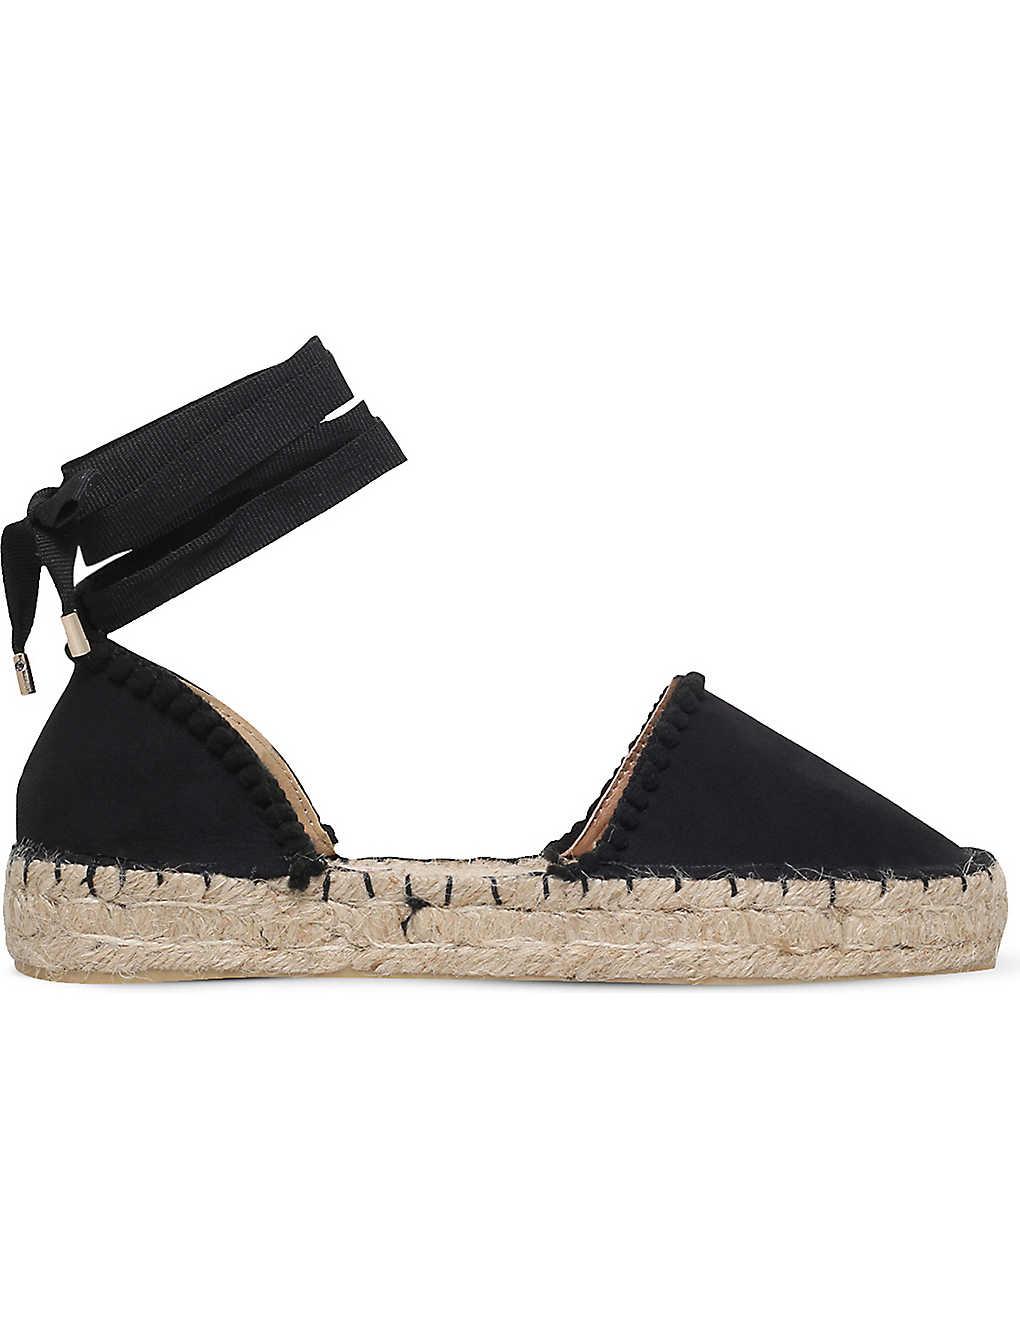 505716d28b5 MISS KG - Dizzy espadrille sandals | Selfridges.com